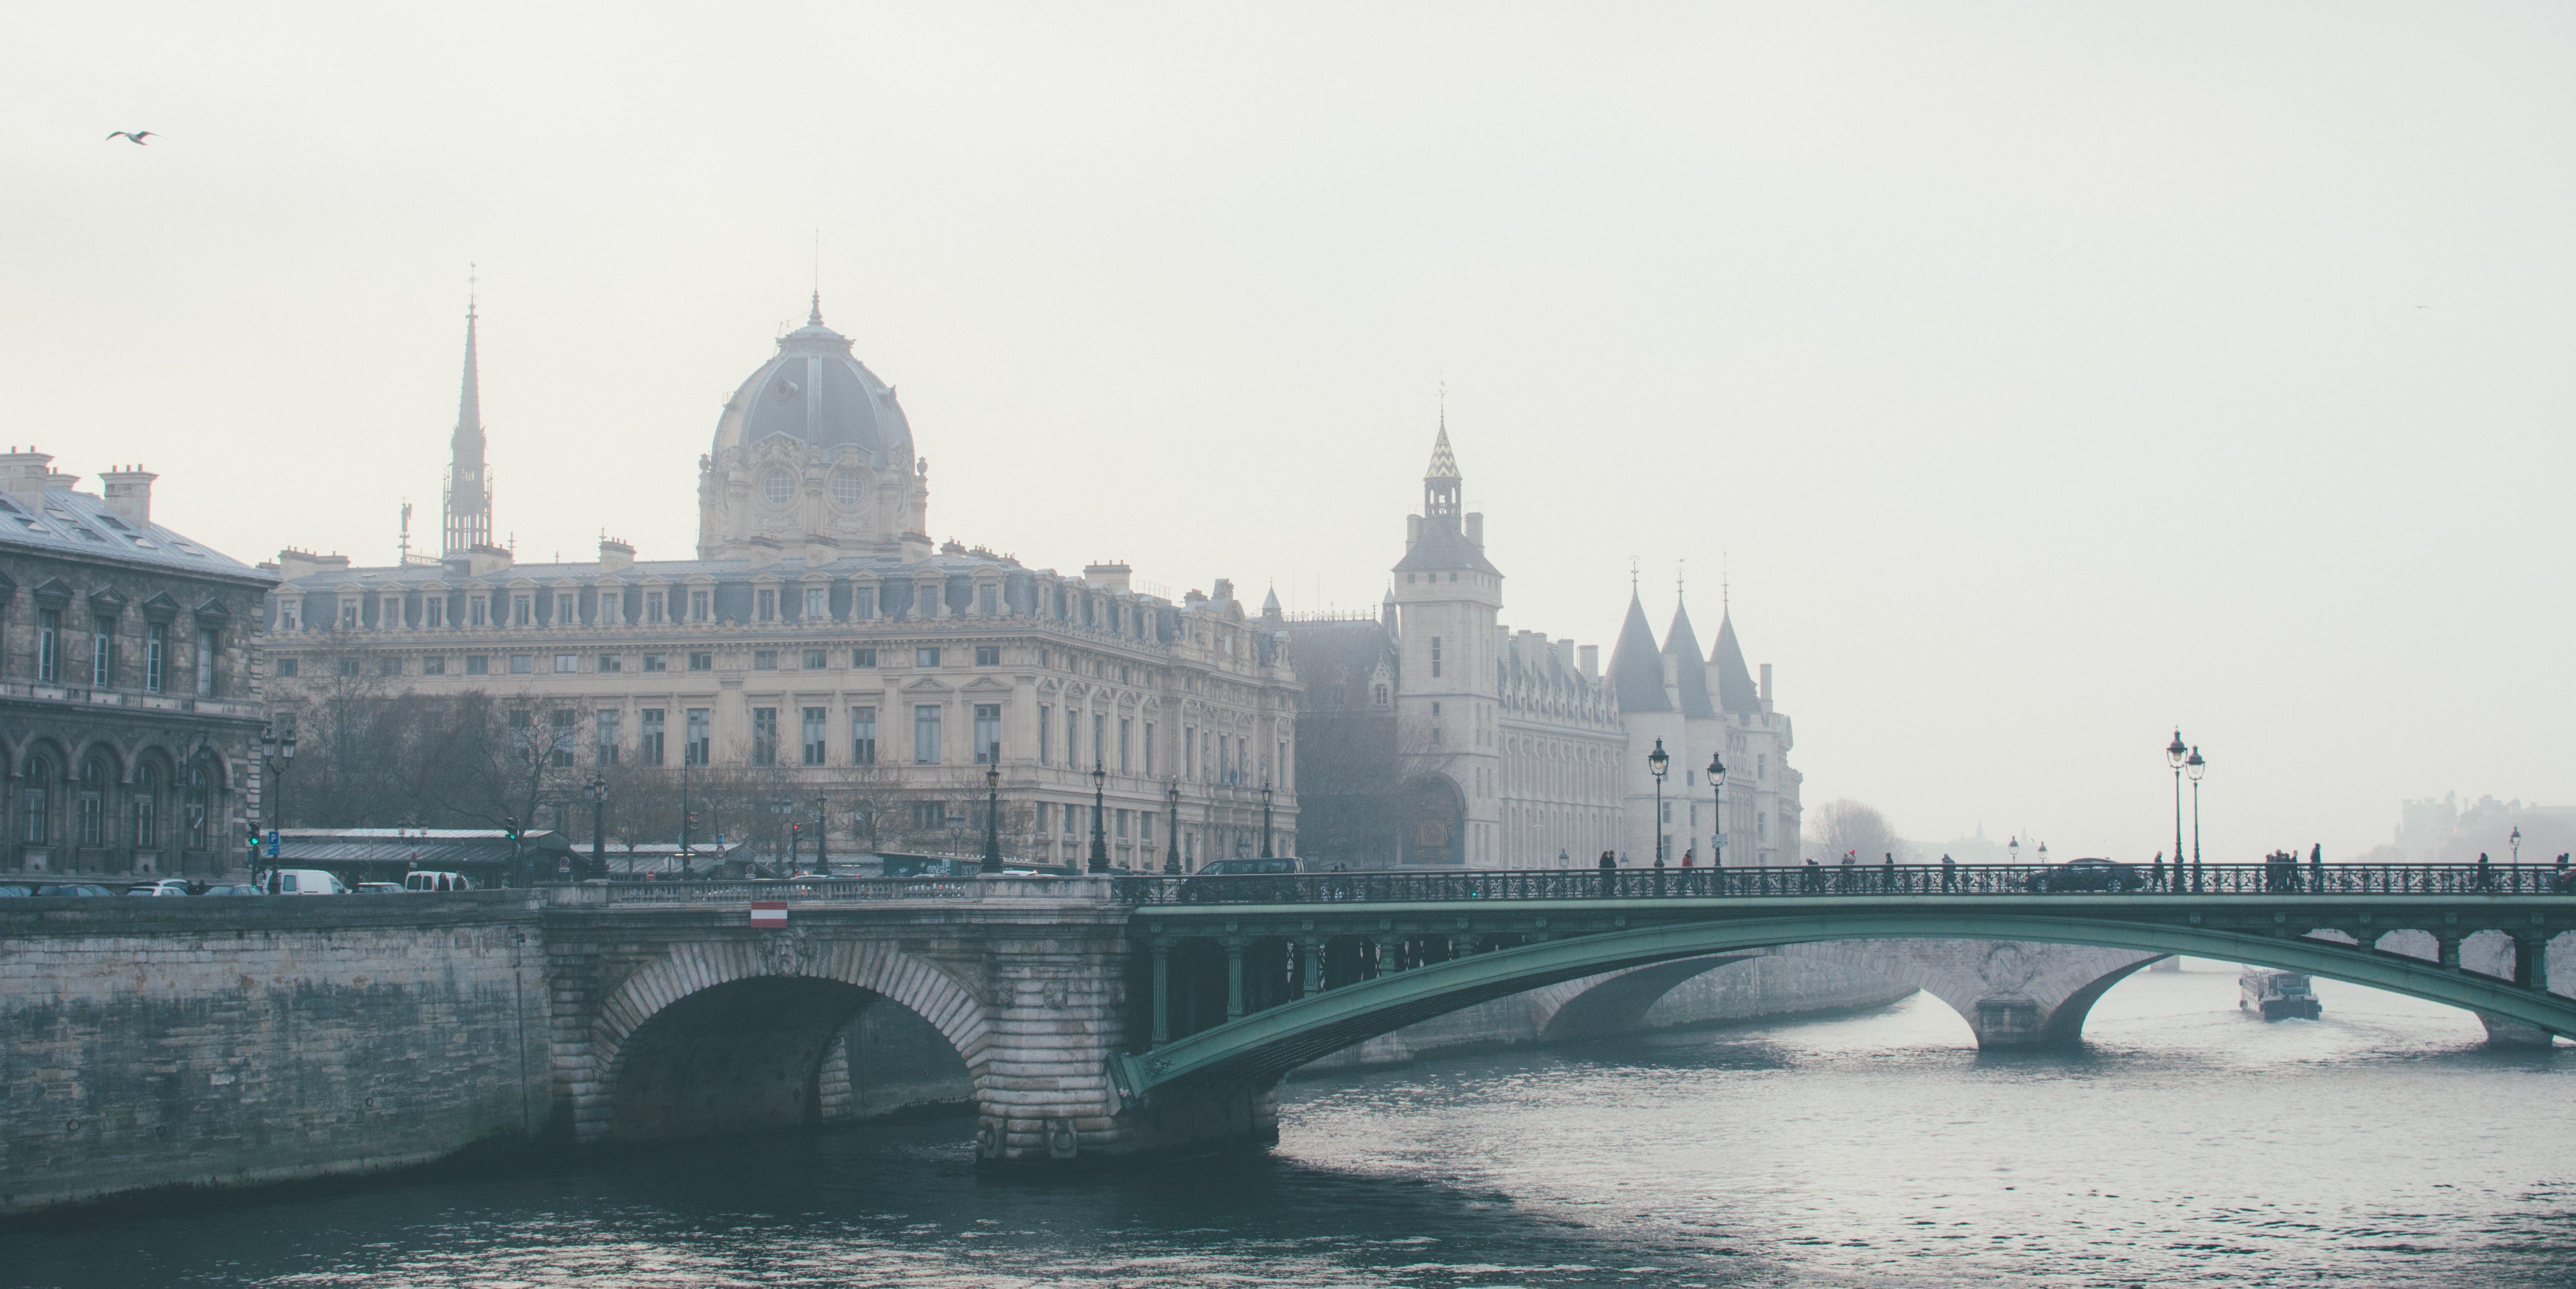 Concrete Bridge Near Buildings